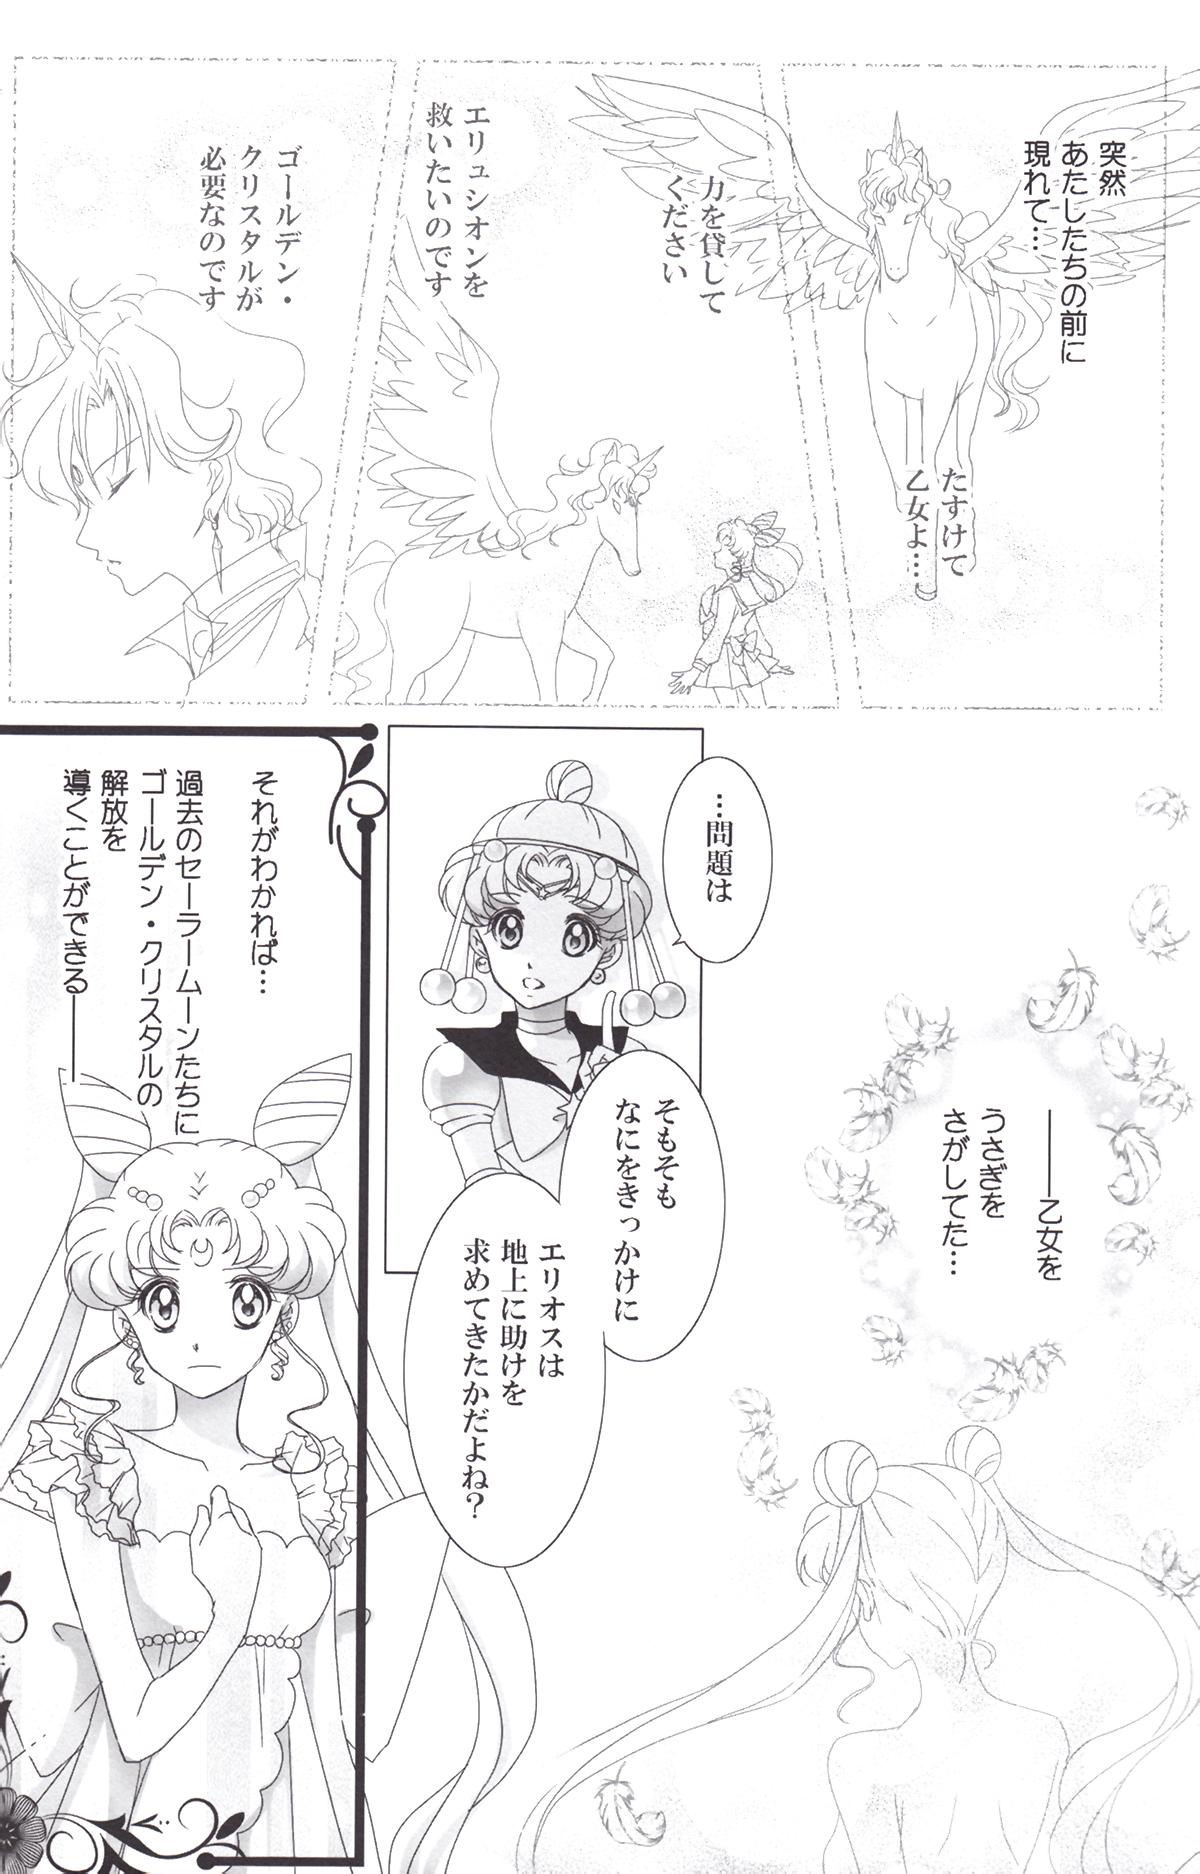 Yume_no_tsuzuki_34